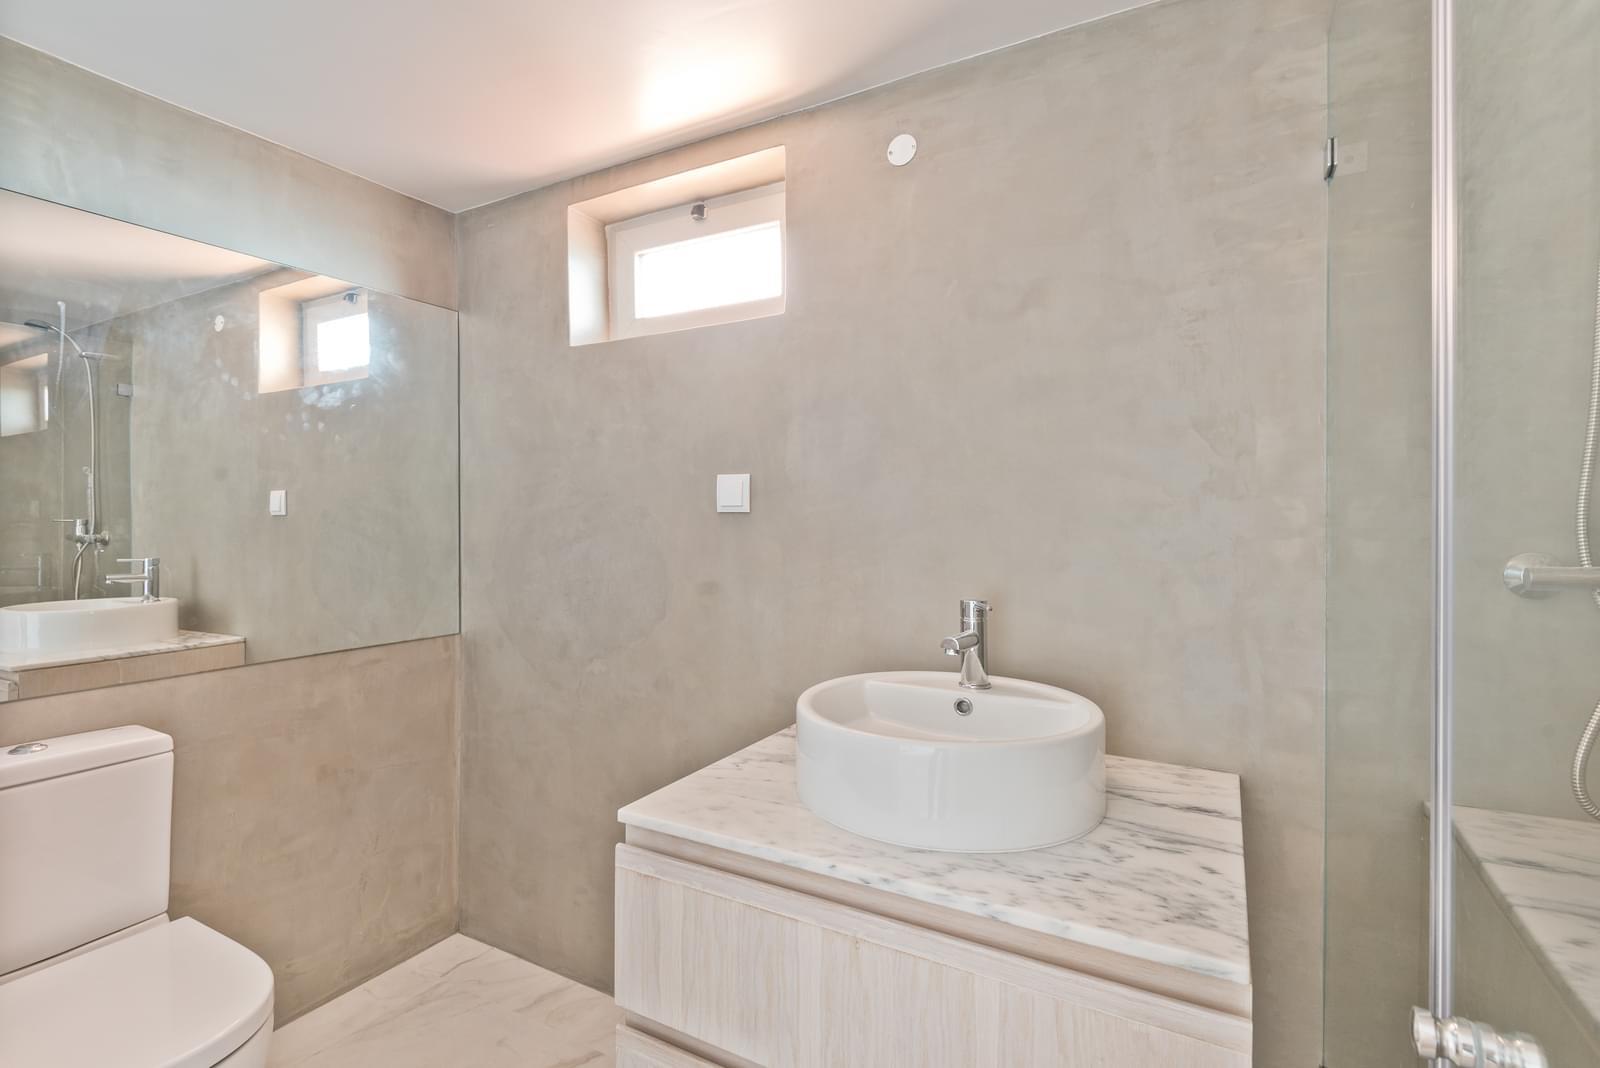 pf18954-apartamento-t3-cascais-8068f602-0139-4982-ad53-12dc1f3cd31d